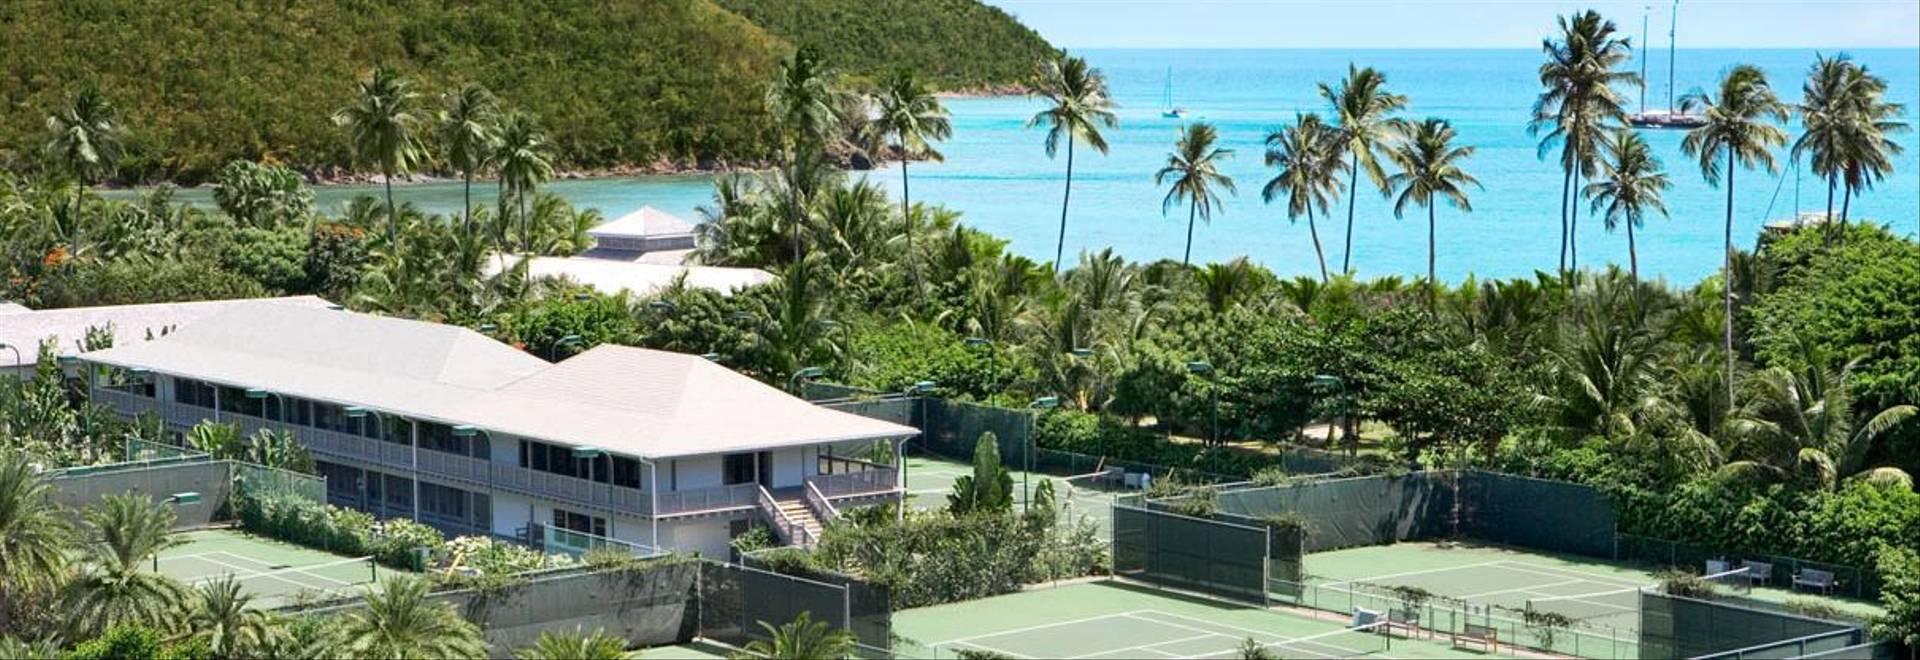 carlisle-bay-tennis.jpg